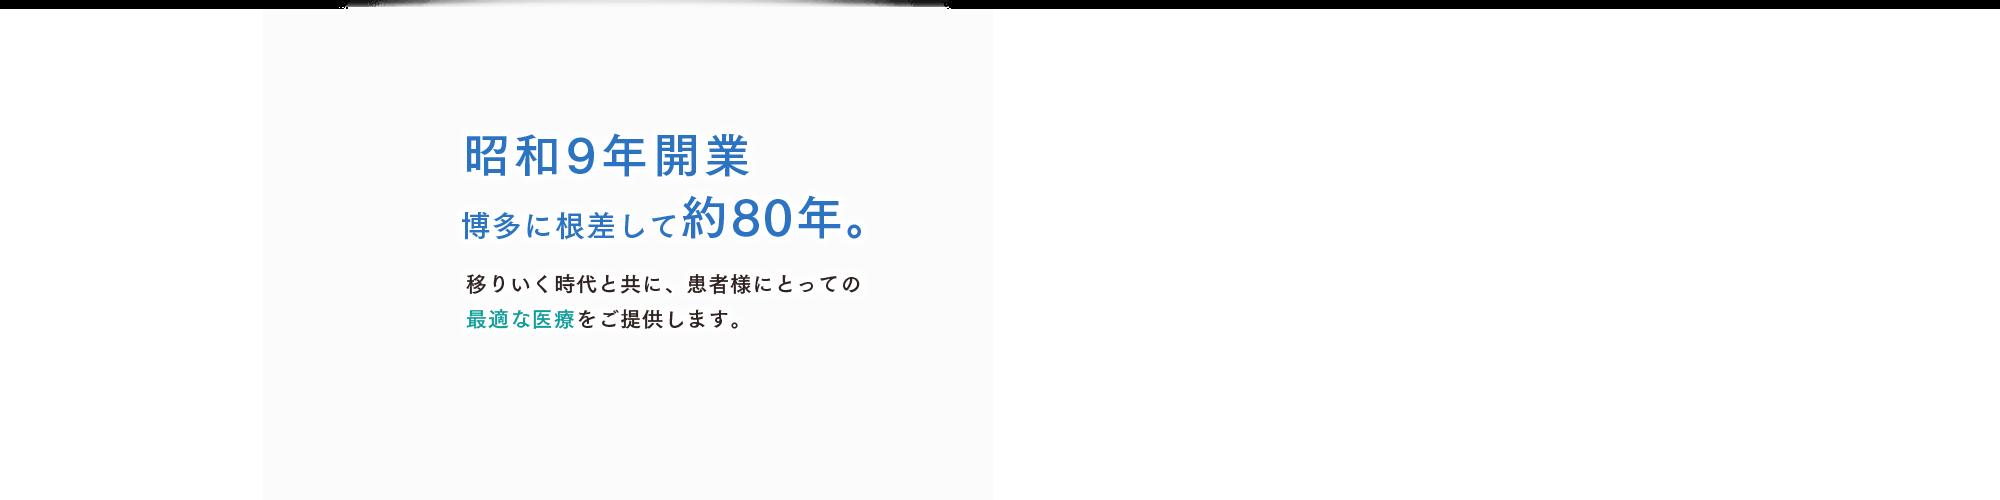 昭和9年開業 博多に根差して約80年。移りいく時代と共に、患者様にとっての最適な医療をご提供します。